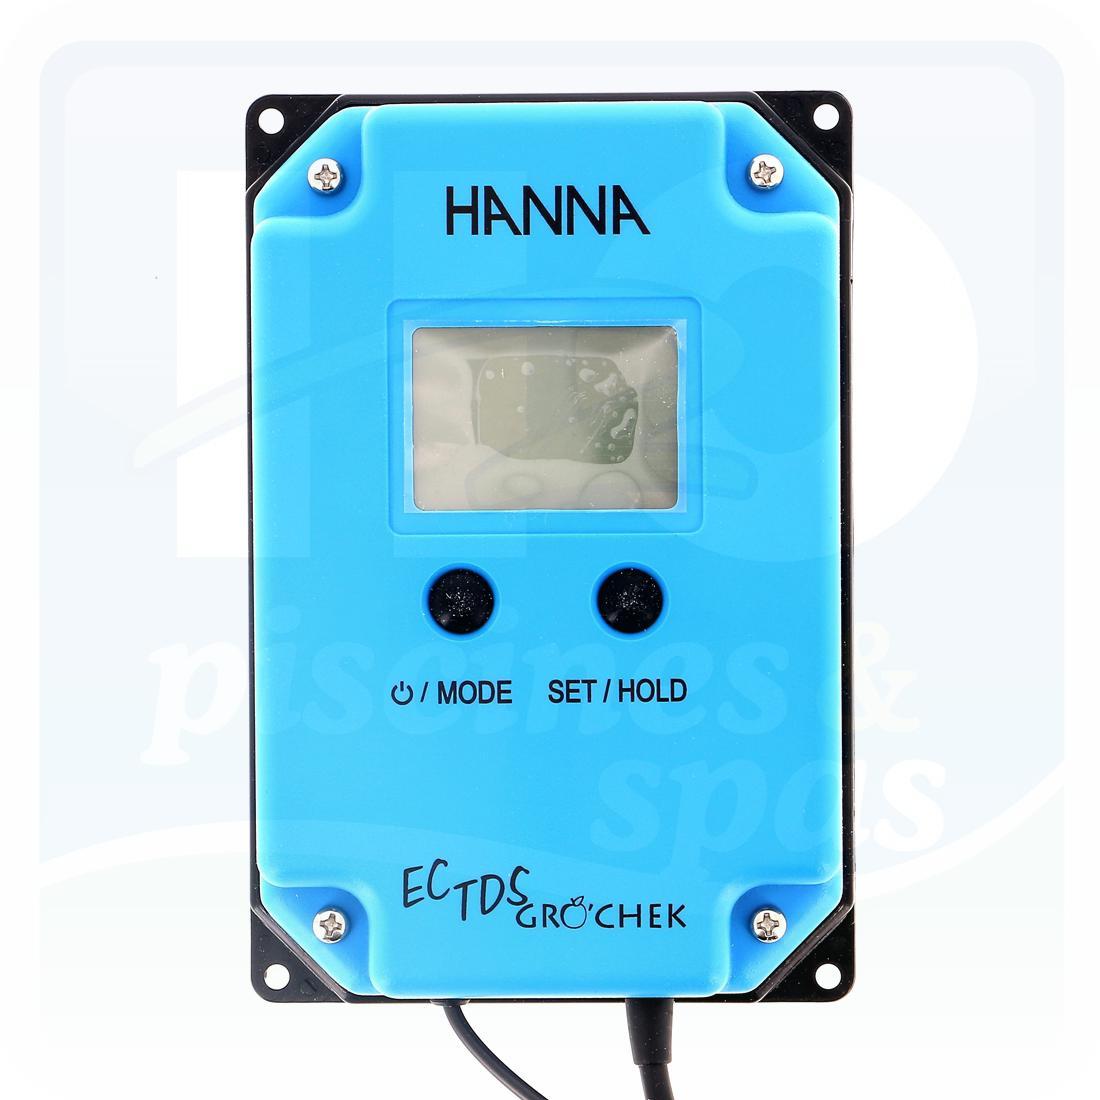 Testeur De Sel Permanent Hanna Tds Gro Chek - H2O Piscines & Spas avec Testeur Piscine Électronique